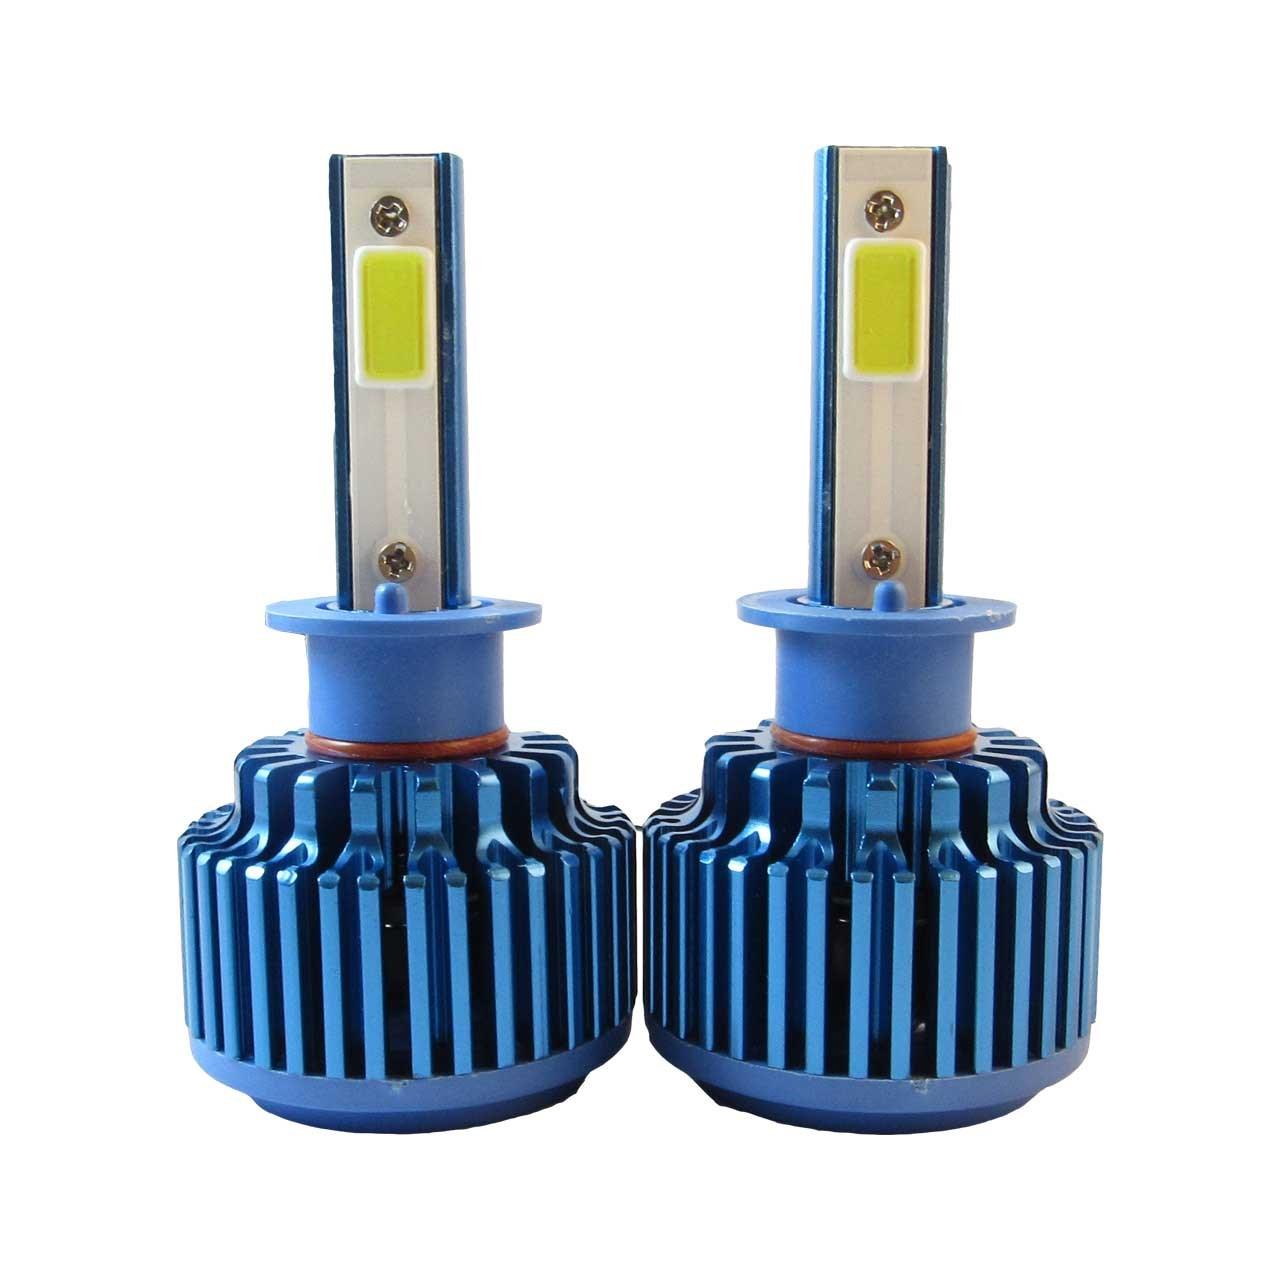 لامپ خودرو سی 6 مدل H7 بسته 2 عددی